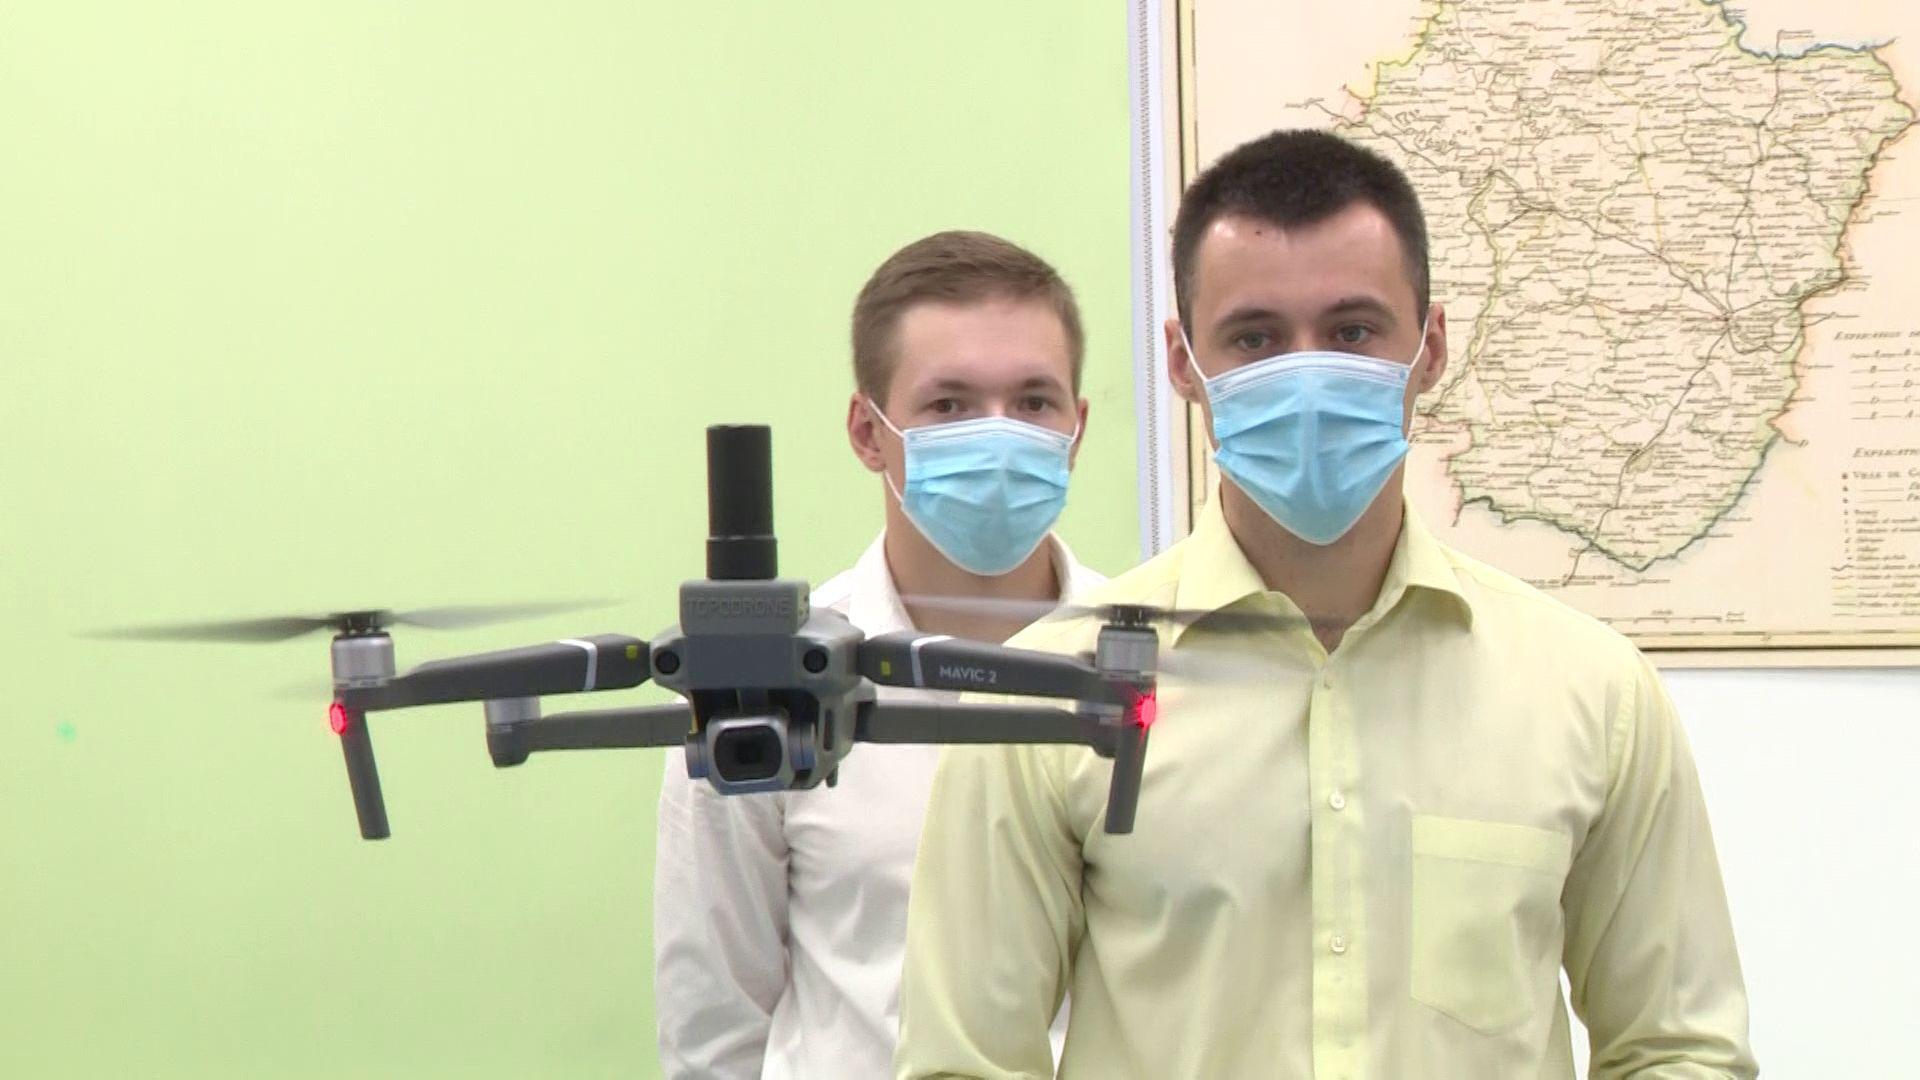 Ярославскому мобильному кванториуму начали поставлять оборудование